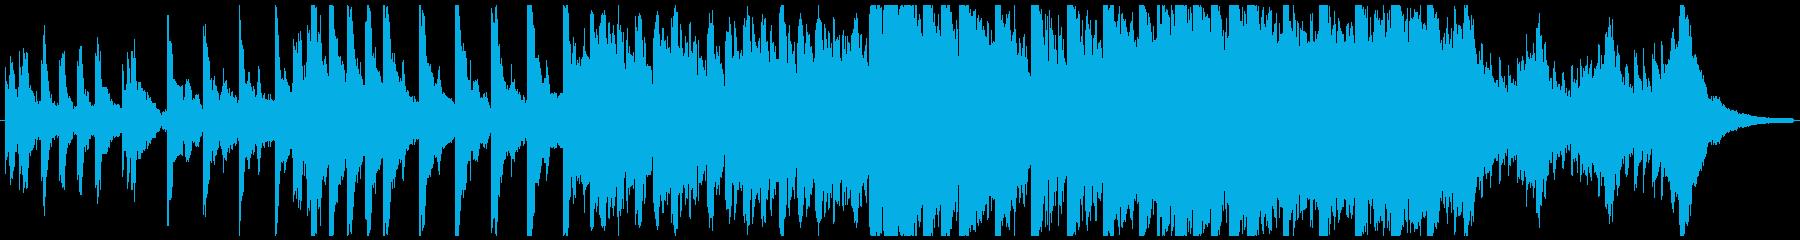 ハローウィン用のホラー曲-60秒の再生済みの波形